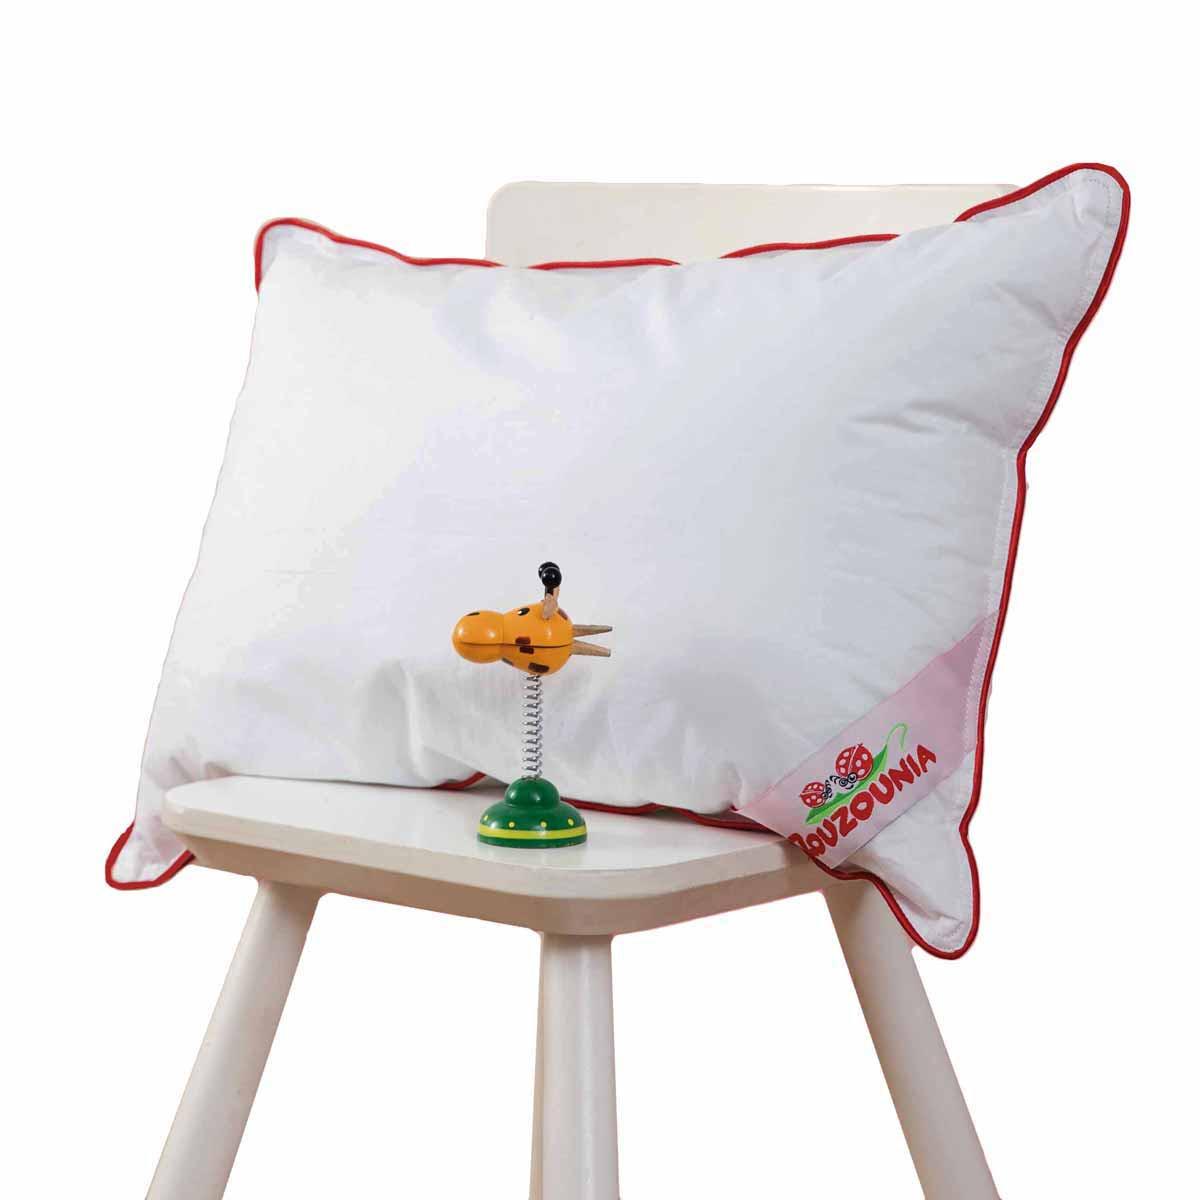 Βρεφικό Μαξιλάρι (30x40) Zouzounia Pillow 170 home   βρεφικά   μαξιλάρια   επιστρώματα